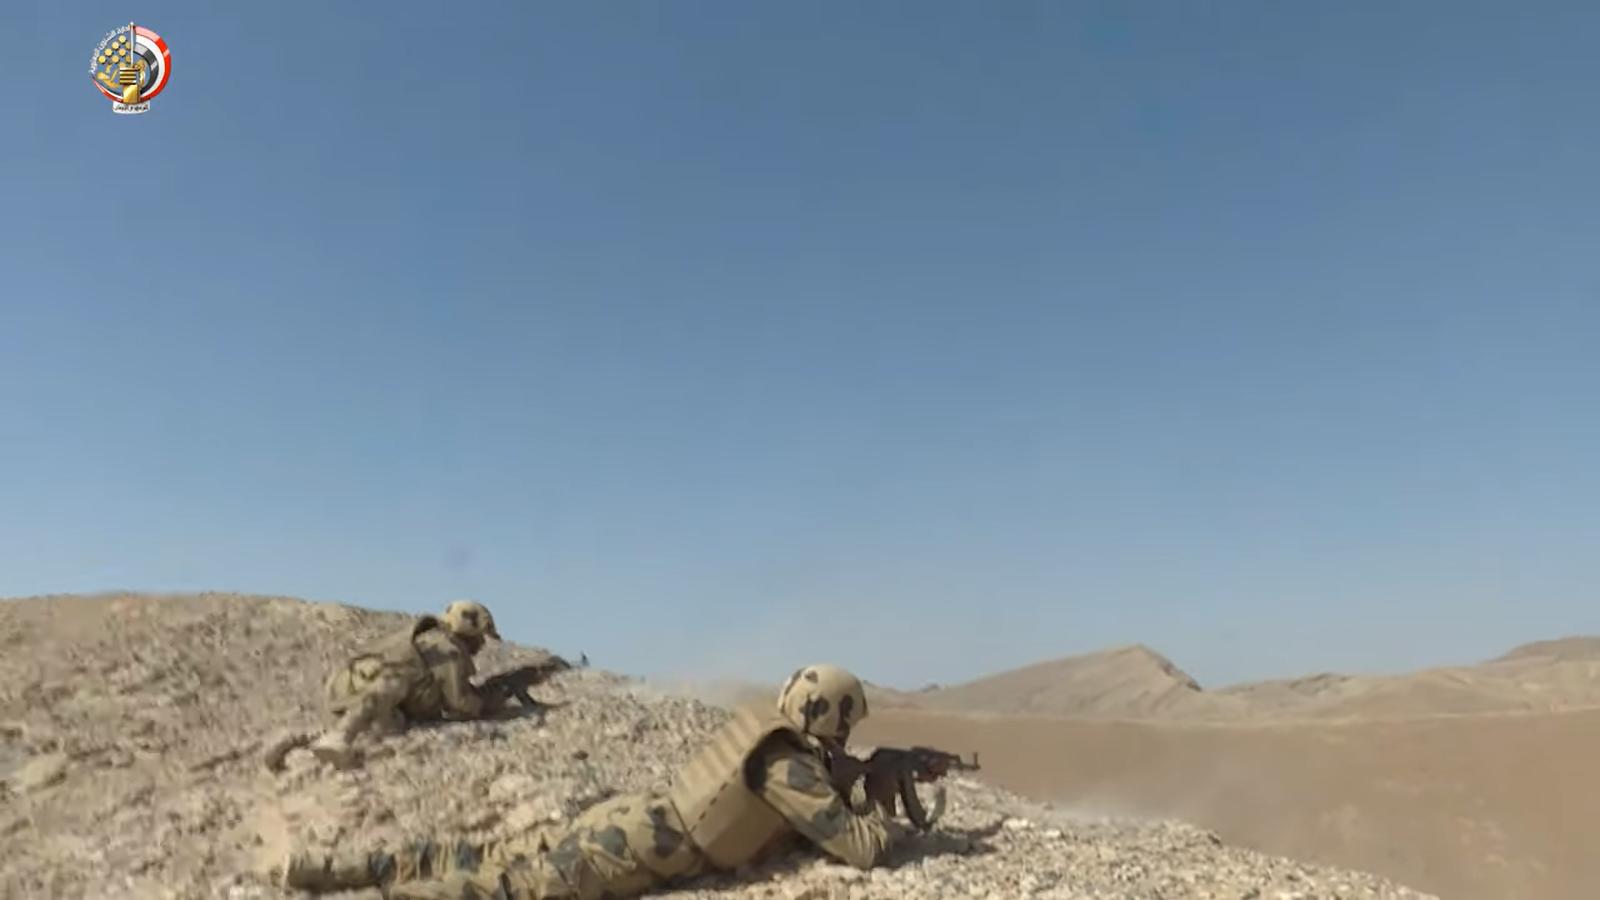 القوات المسلحة تعلن مقتل 89 تكفيريا بشمال سيناء  (2)